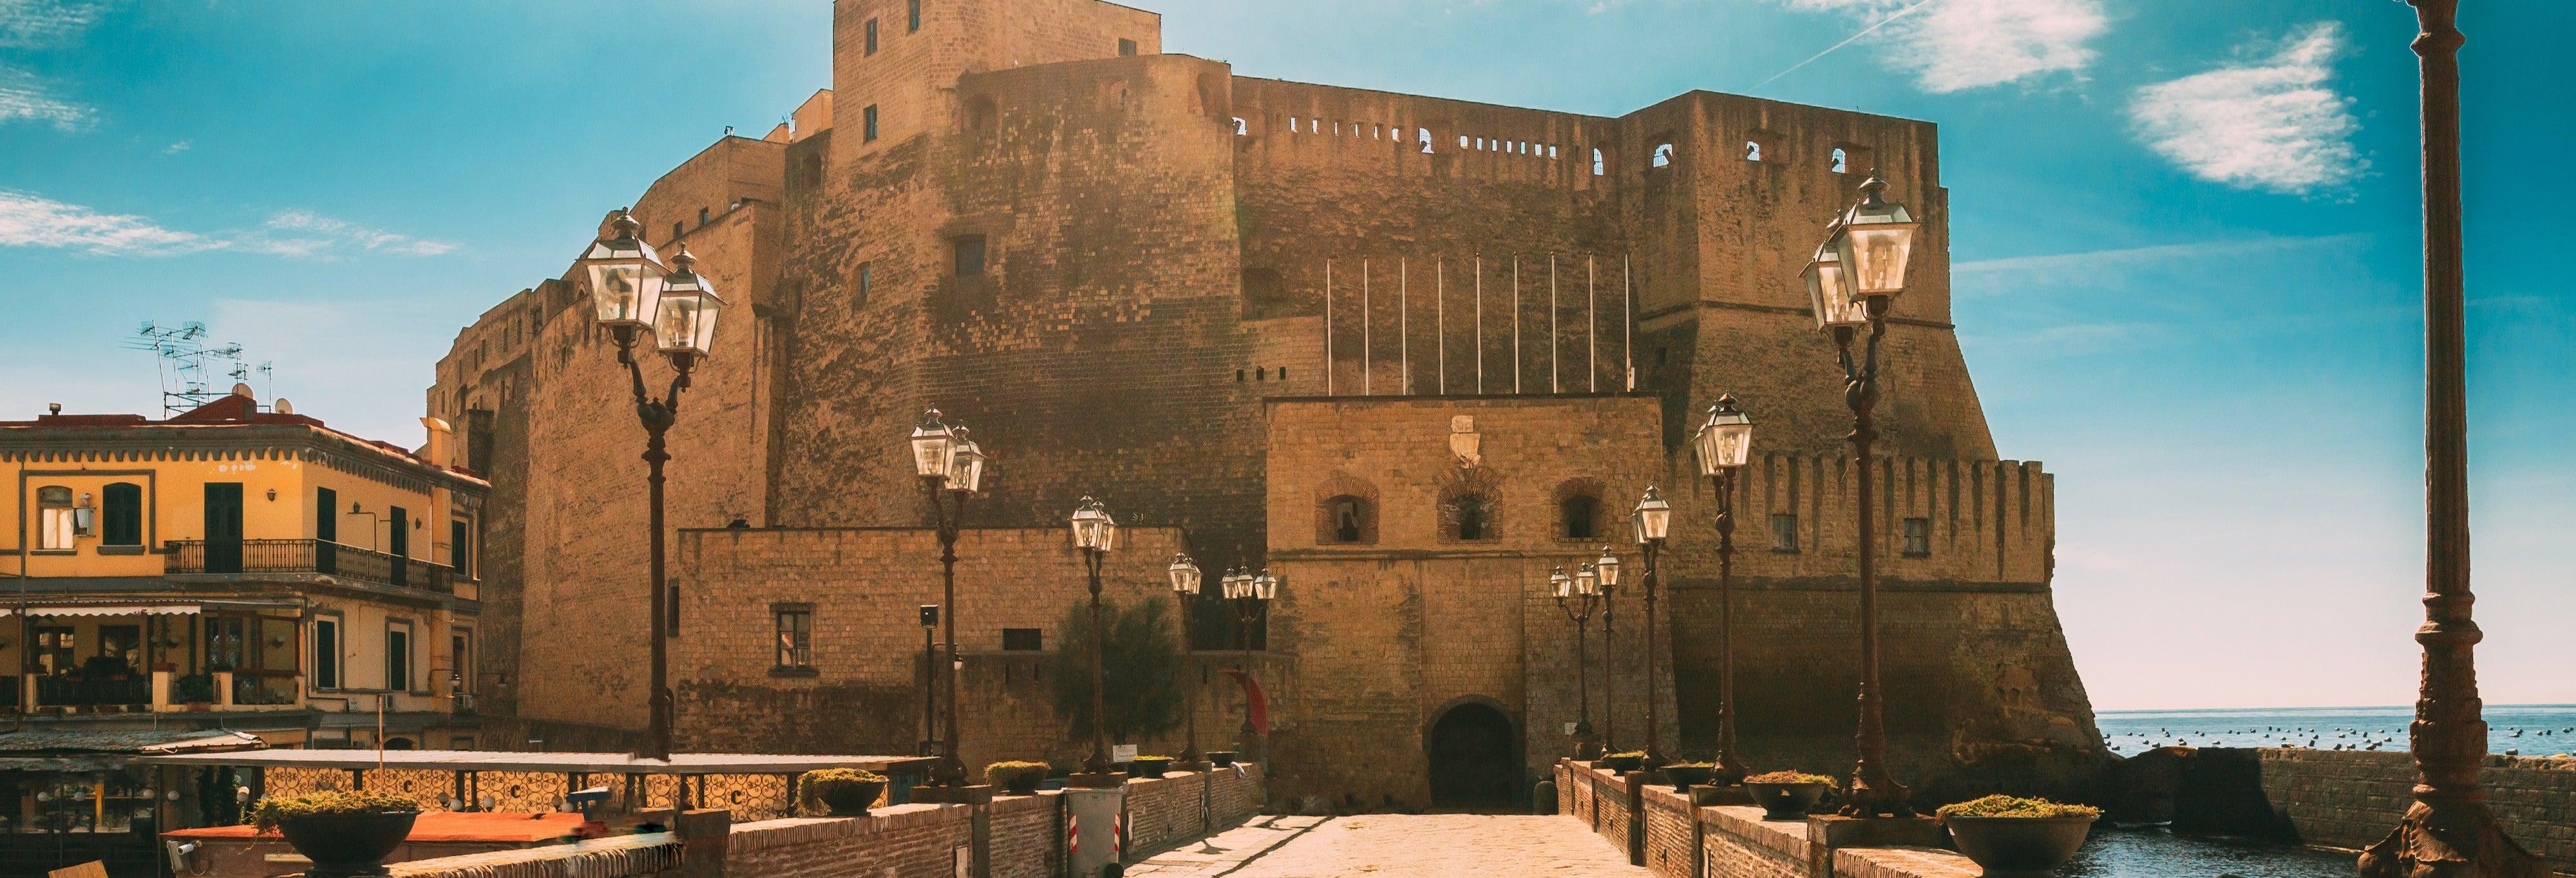 Naples Castles Tour